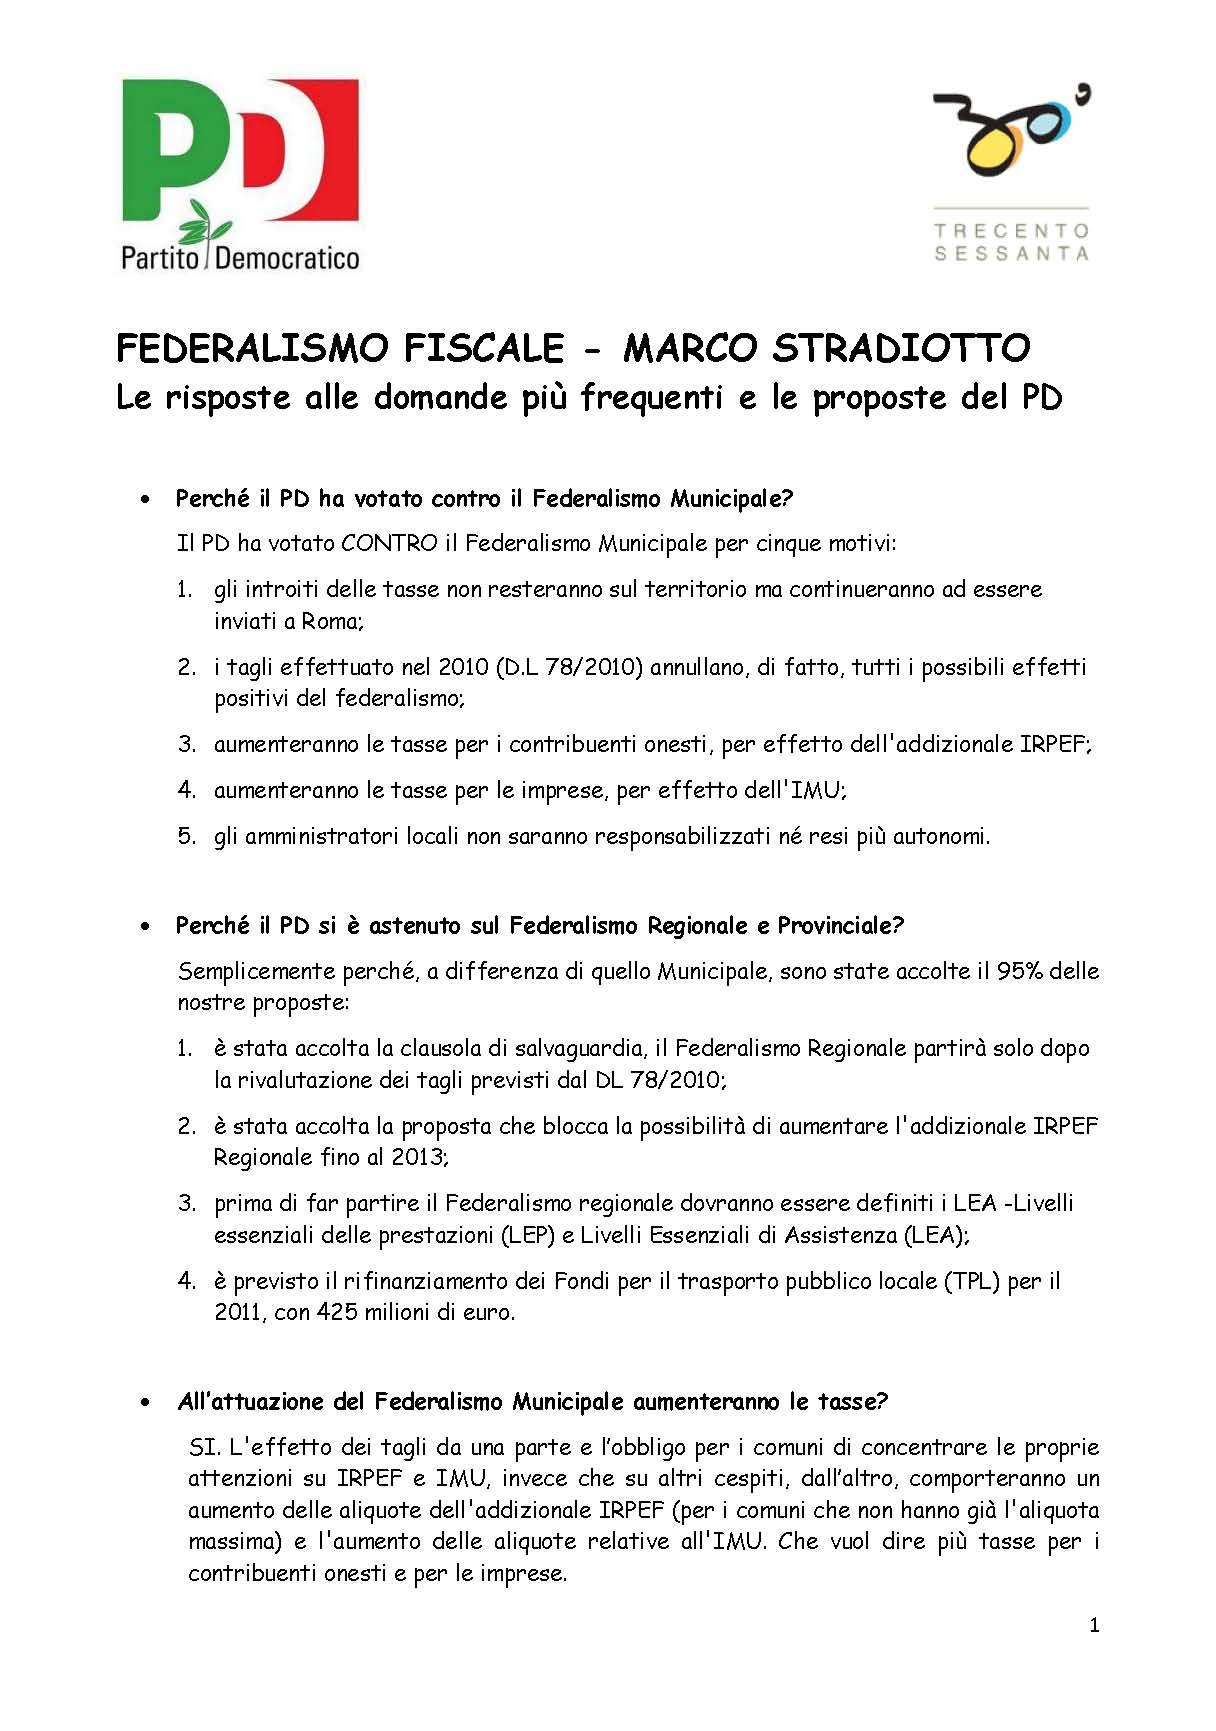 FEDERALISMO FISCALE: LE RISPOSTE ALLE DOMANDE PIU' FREQUENTI E LE PROPOSTE DEL PARTITO DEMOCRATICO